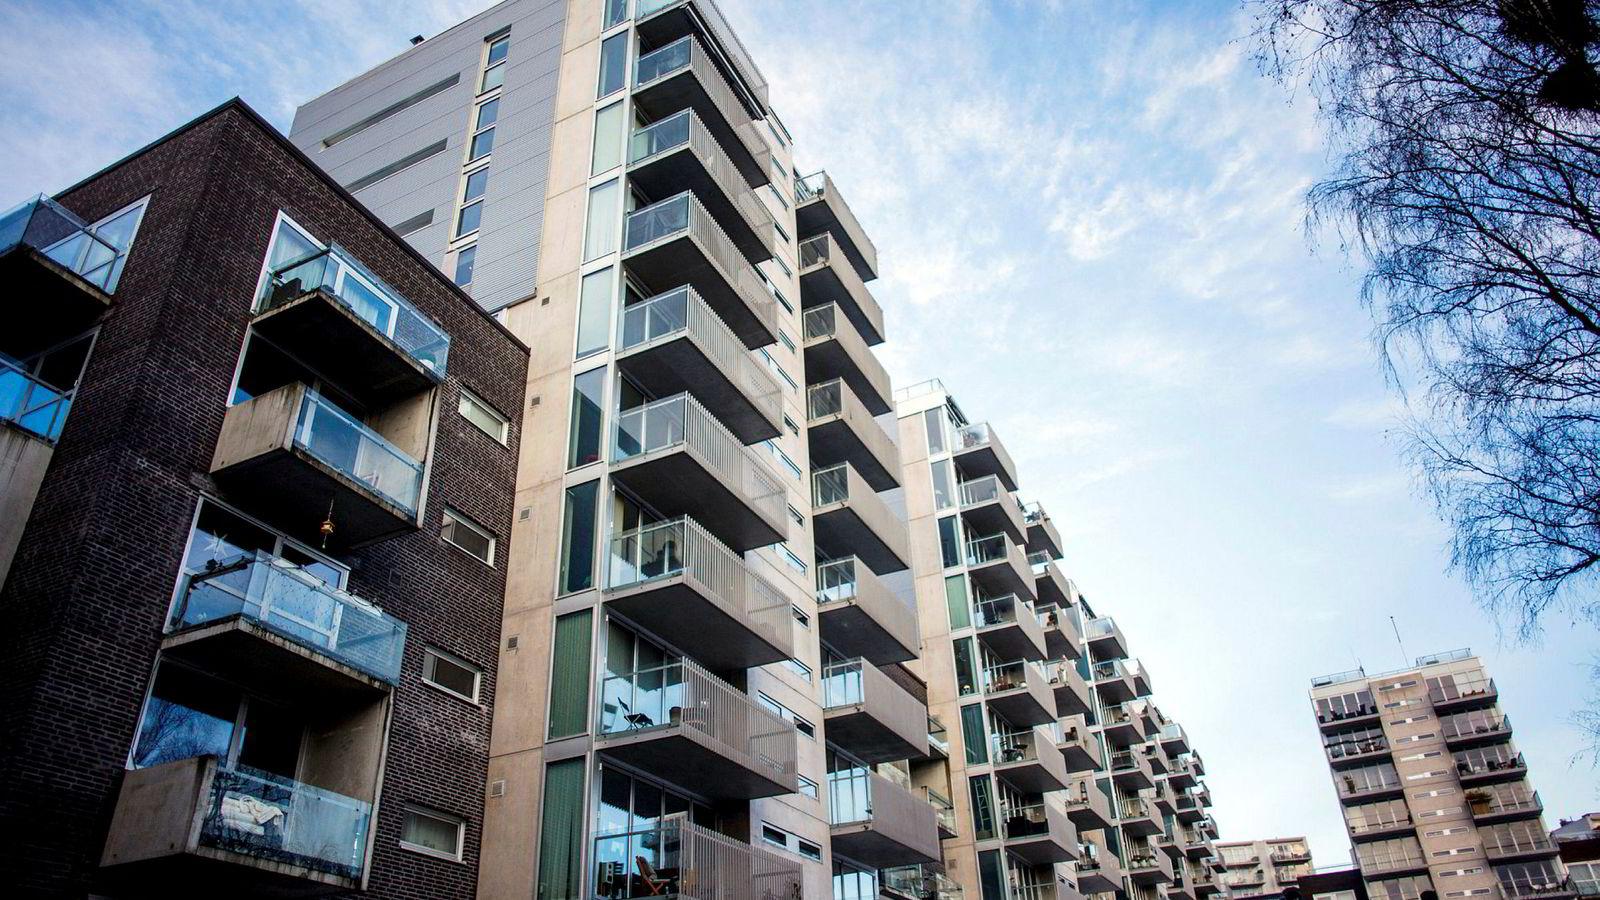 Obos melder om prisstigning i boligmarkedet i hovedstaden i en pressemelding.